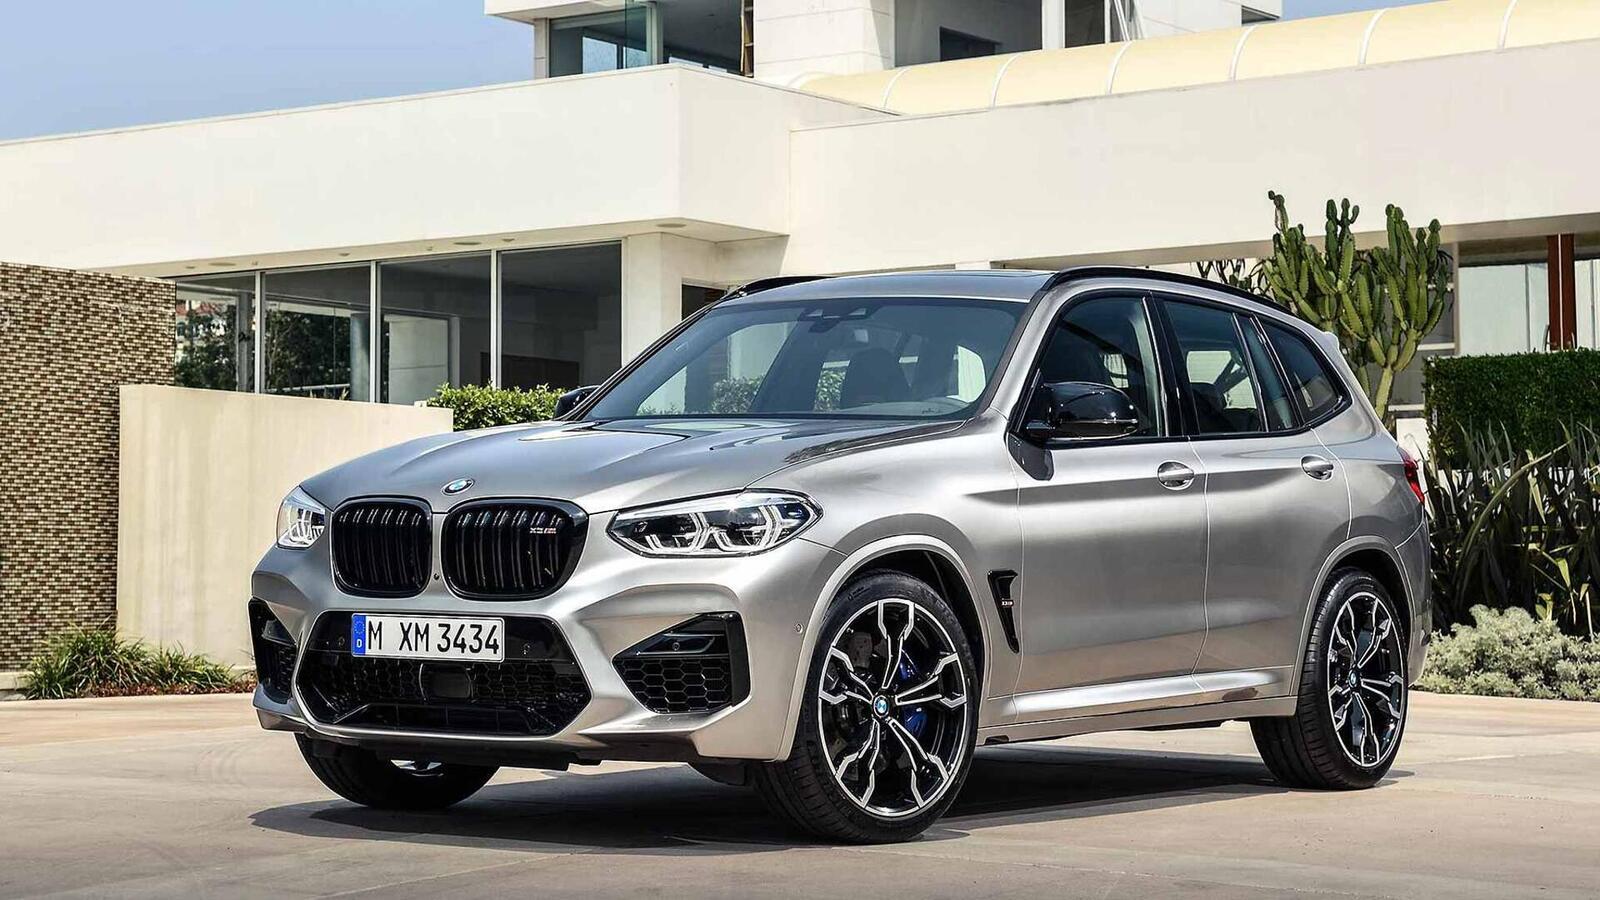 BMW X3 M và X4 M 2020 chính thức ra mắt: Mang trong mình sức mạnh từ 473 - 503 mã lực - Hình 8